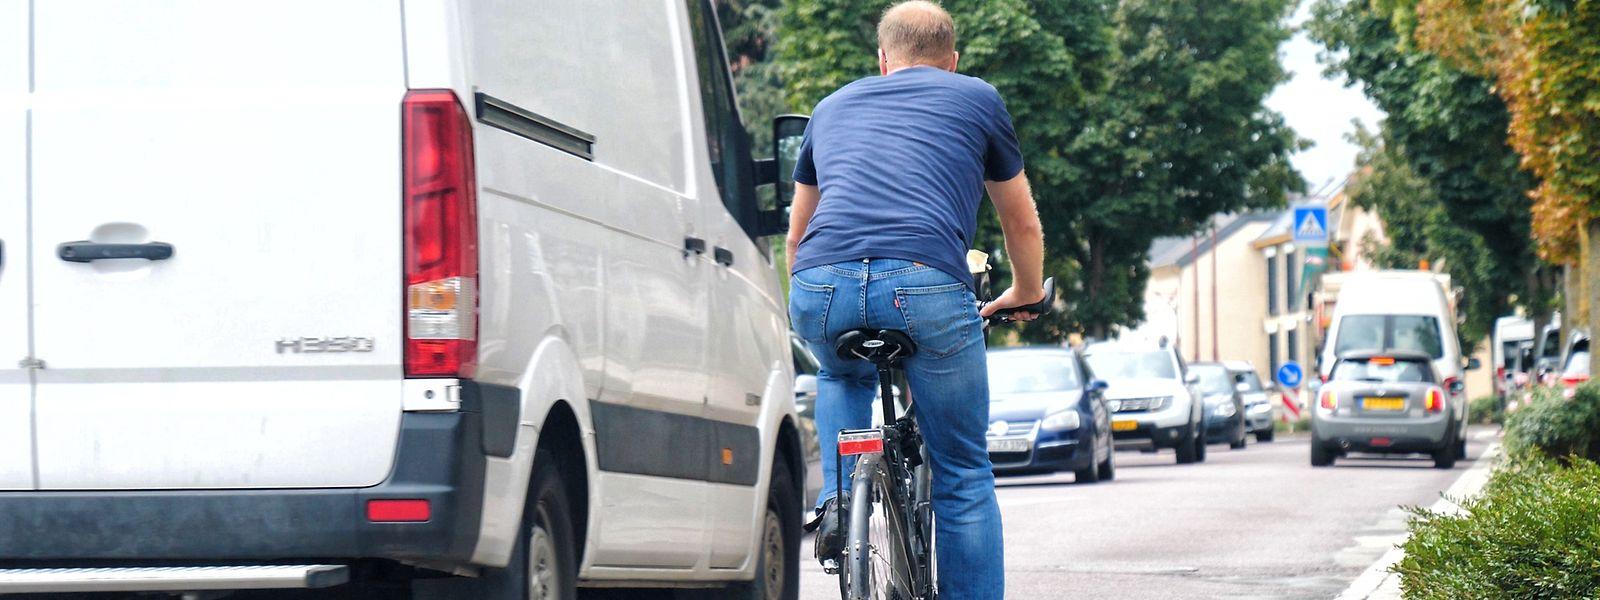 Der Alltag auf dem Fahrrad: Selten freie Fahrt, viele Kompromisse.